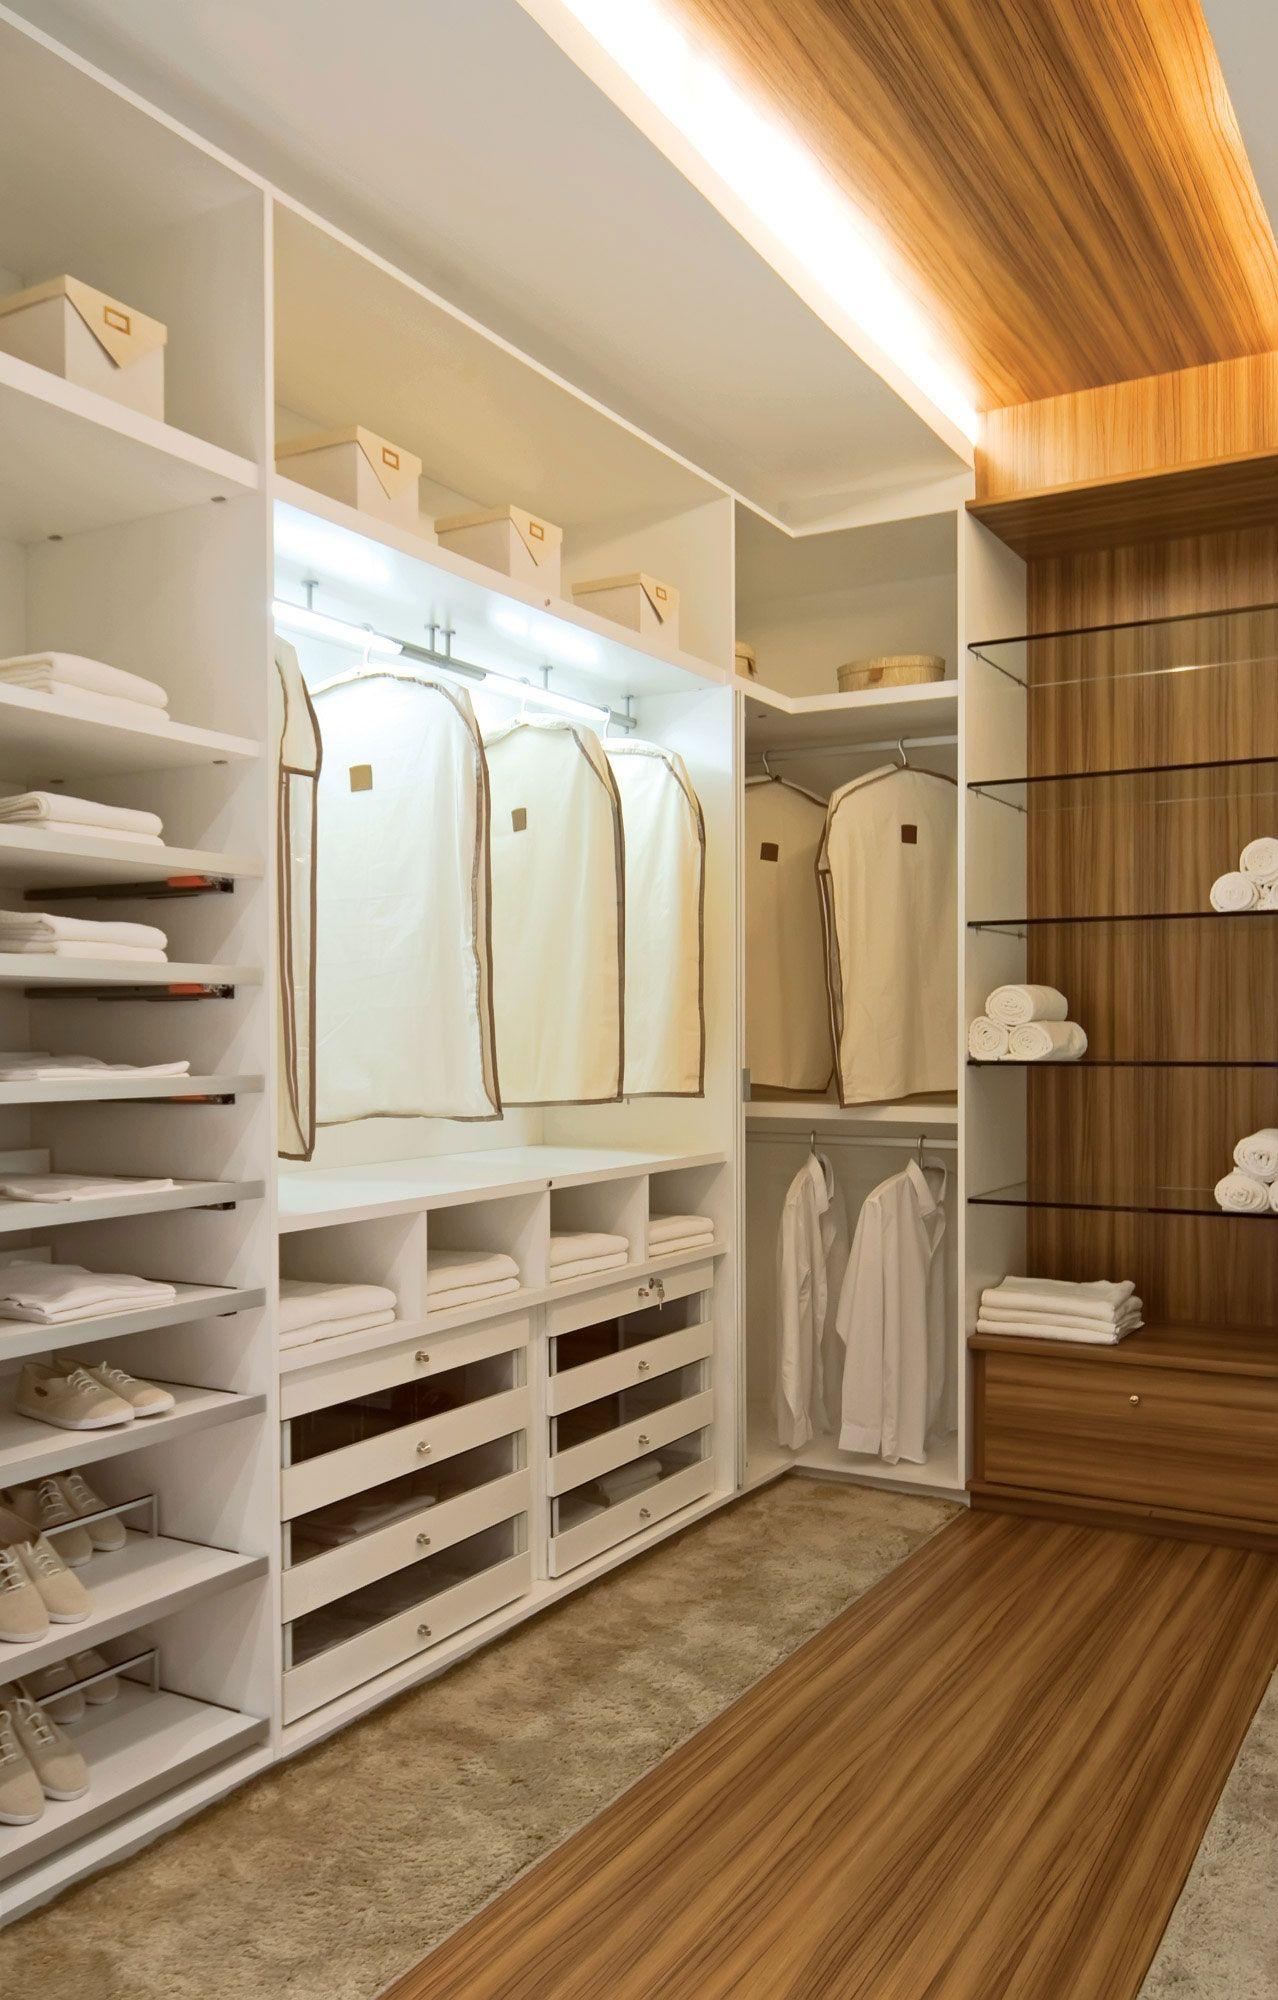 e simples home meu studio closet decor barato office closets pin com